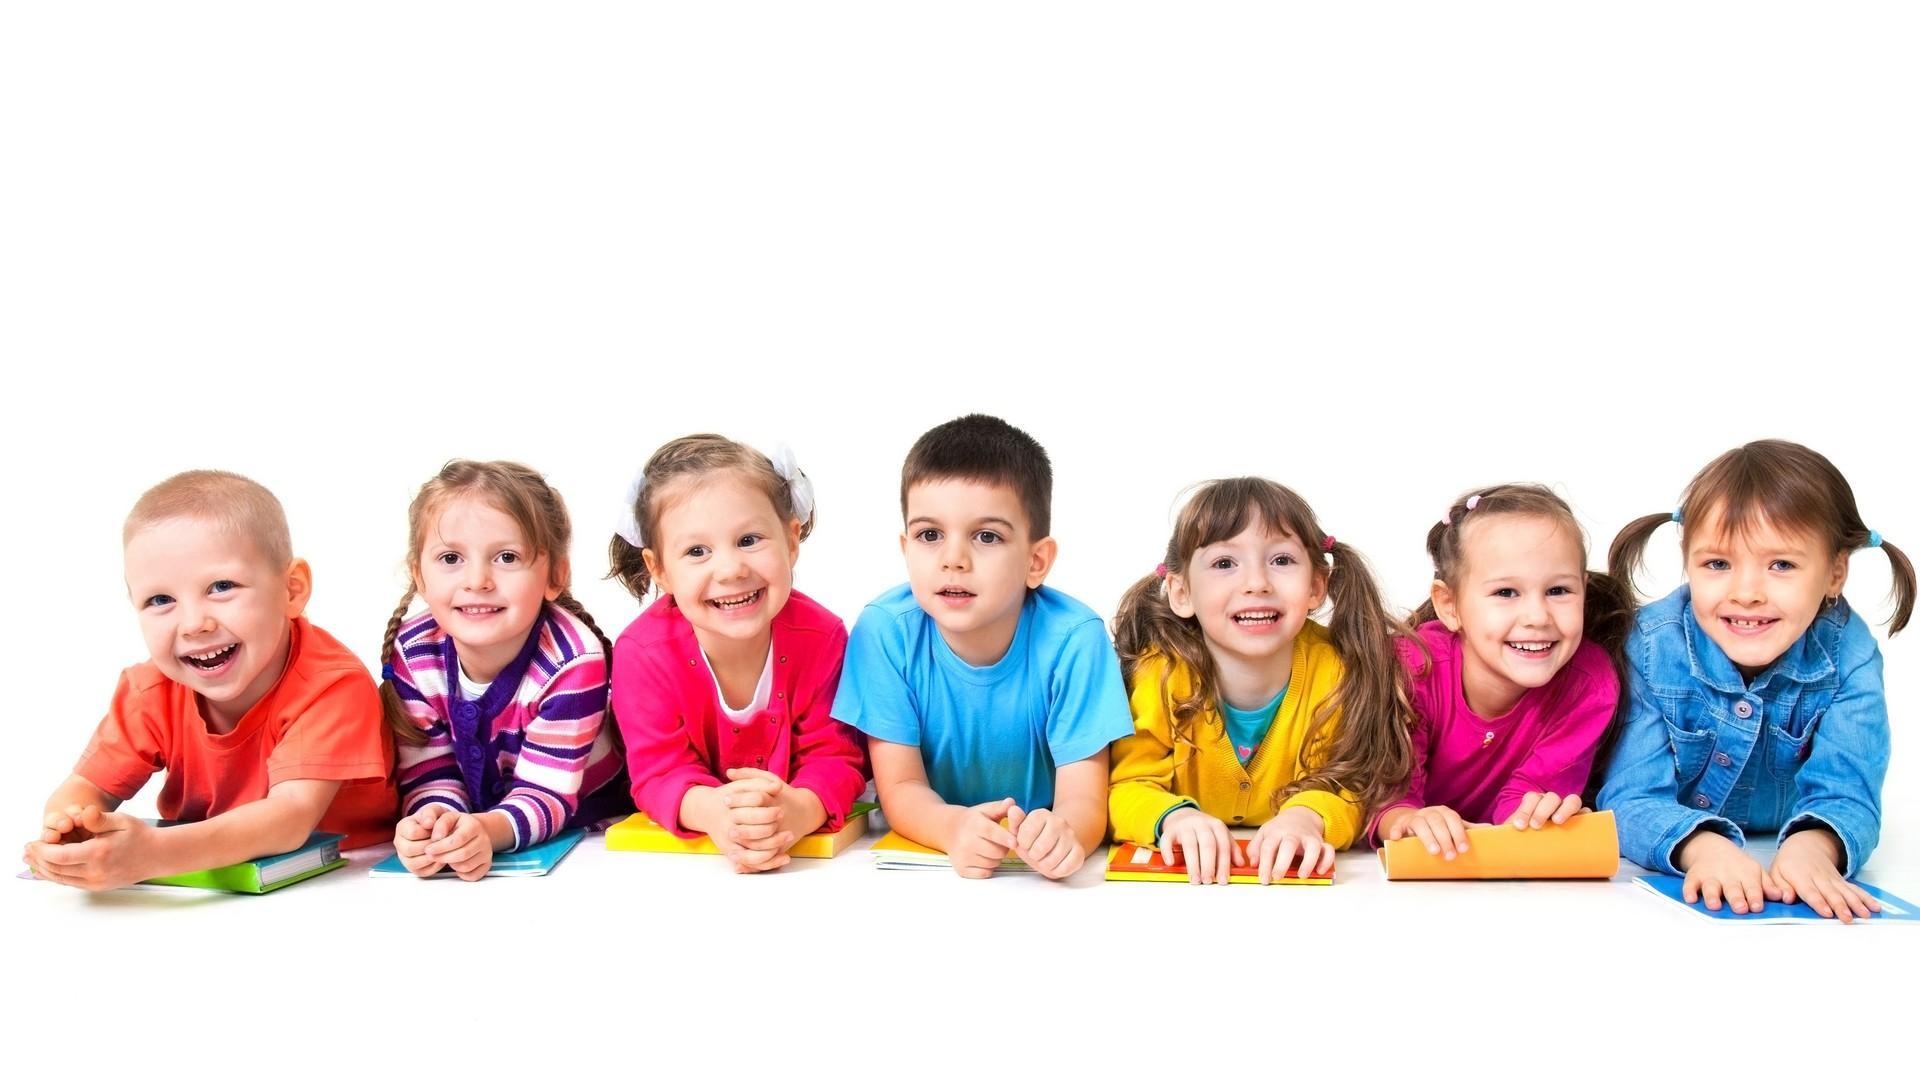 детский сад 5 лет фото